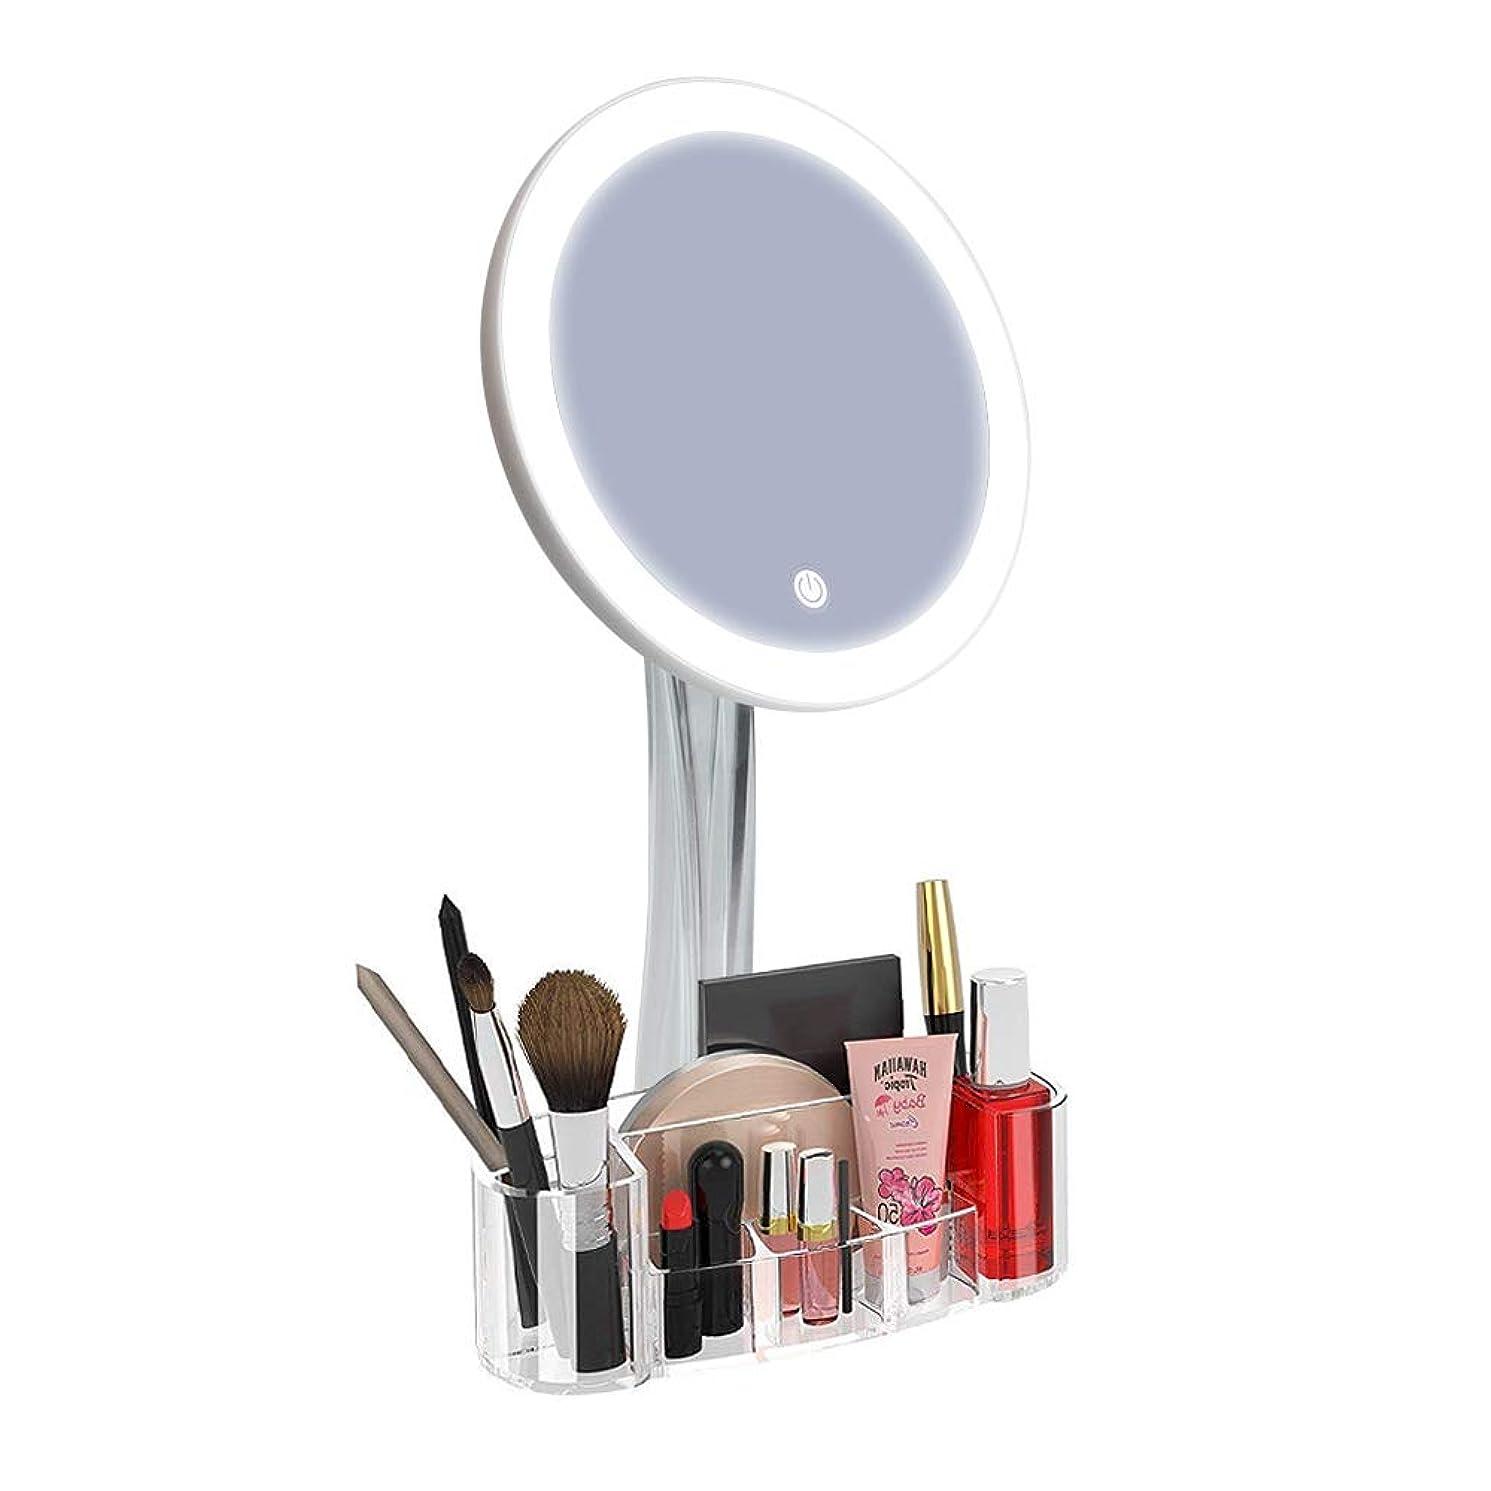 嘆願反射オーバードロー化粧鏡 メイクミラー 女優ミラー 鏡 卓上 16LEDライト付きミラー タッチスクリーン付きミラー 5倍拡大鏡 化粧品収納ボックス 明るさ調節可能 180度回転 USB/単三電池給電